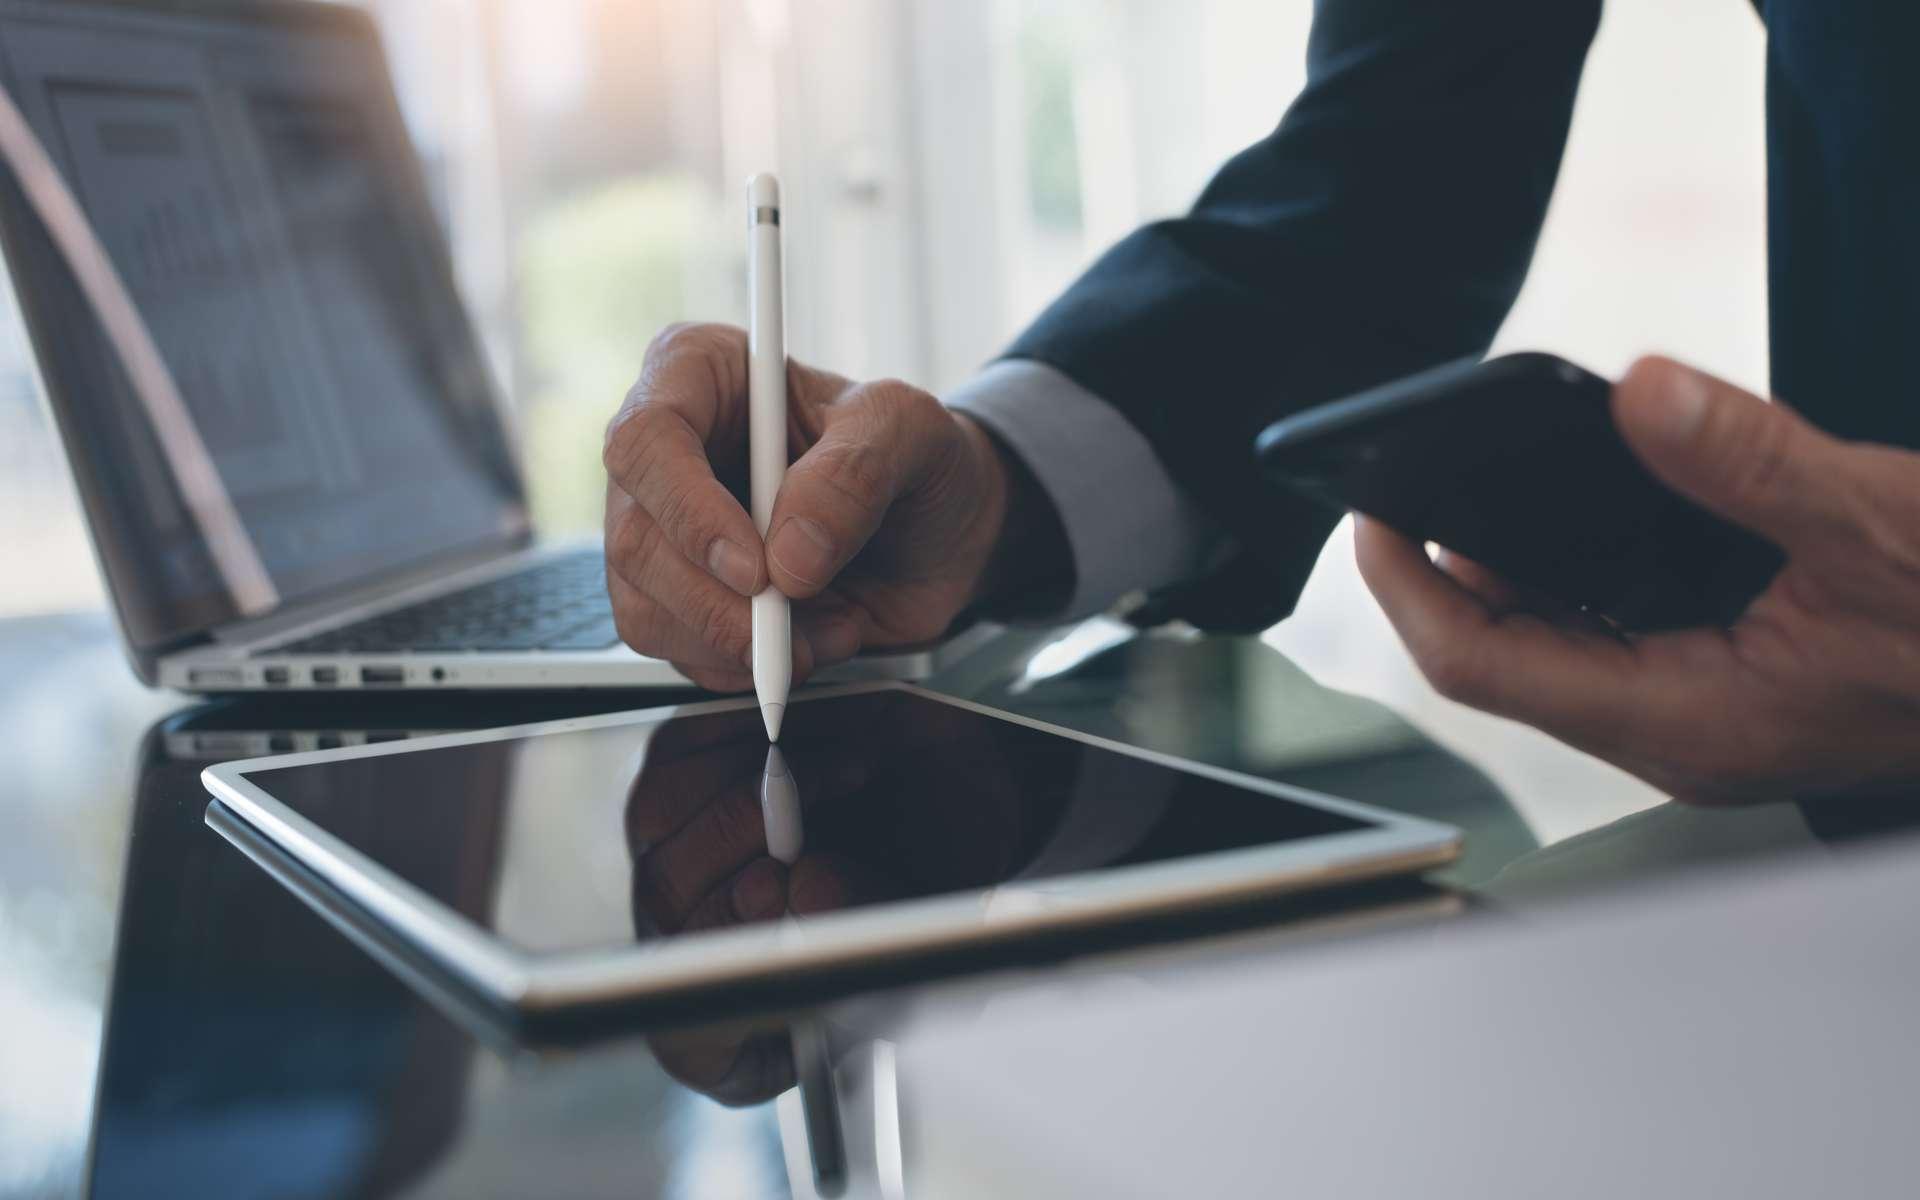 La signature électronique est possible depuis un ordinateur, une tablette ou un smartphone. © tippapatt, Adobe Stock